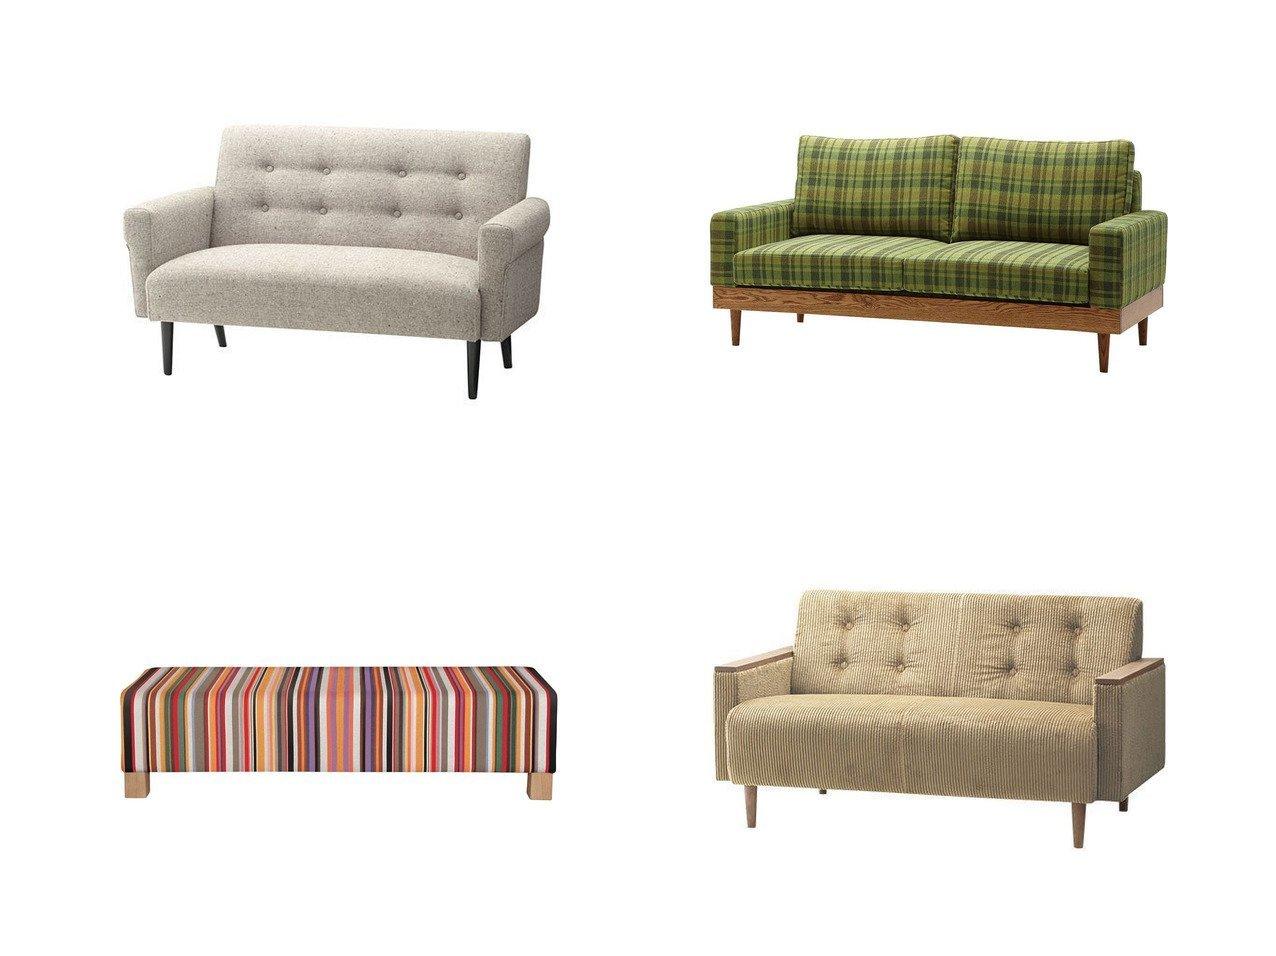 【SWITCH / GOODS/スウィッチ】のWN 2人掛けソファ&Maverick Sofa 2. マーベリック 2.5人掛けソファ&150 ベンチ&マーガレット 2人掛けソファ 【INTERIOR】おすすめ!人気、インテリア・家具の通販  おすすめで人気の流行・トレンド、ファッションの通販商品 メンズファッション・キッズファッション・インテリア・家具・レディースファッション・服の通販 founy(ファニー) https://founy.com/ シンプル フォルム おすすめ Recommend コンパクト マーガレット 送料無料 Free Shipping ベーシック ホームグッズ Home/Garden 家具・インテリア Furniture ソファー Sofa ホームグッズ Home/Garden 家具・インテリア Furniture チェア Chair ベンチ・ダイニングベンチ |ID:crp329100000025839